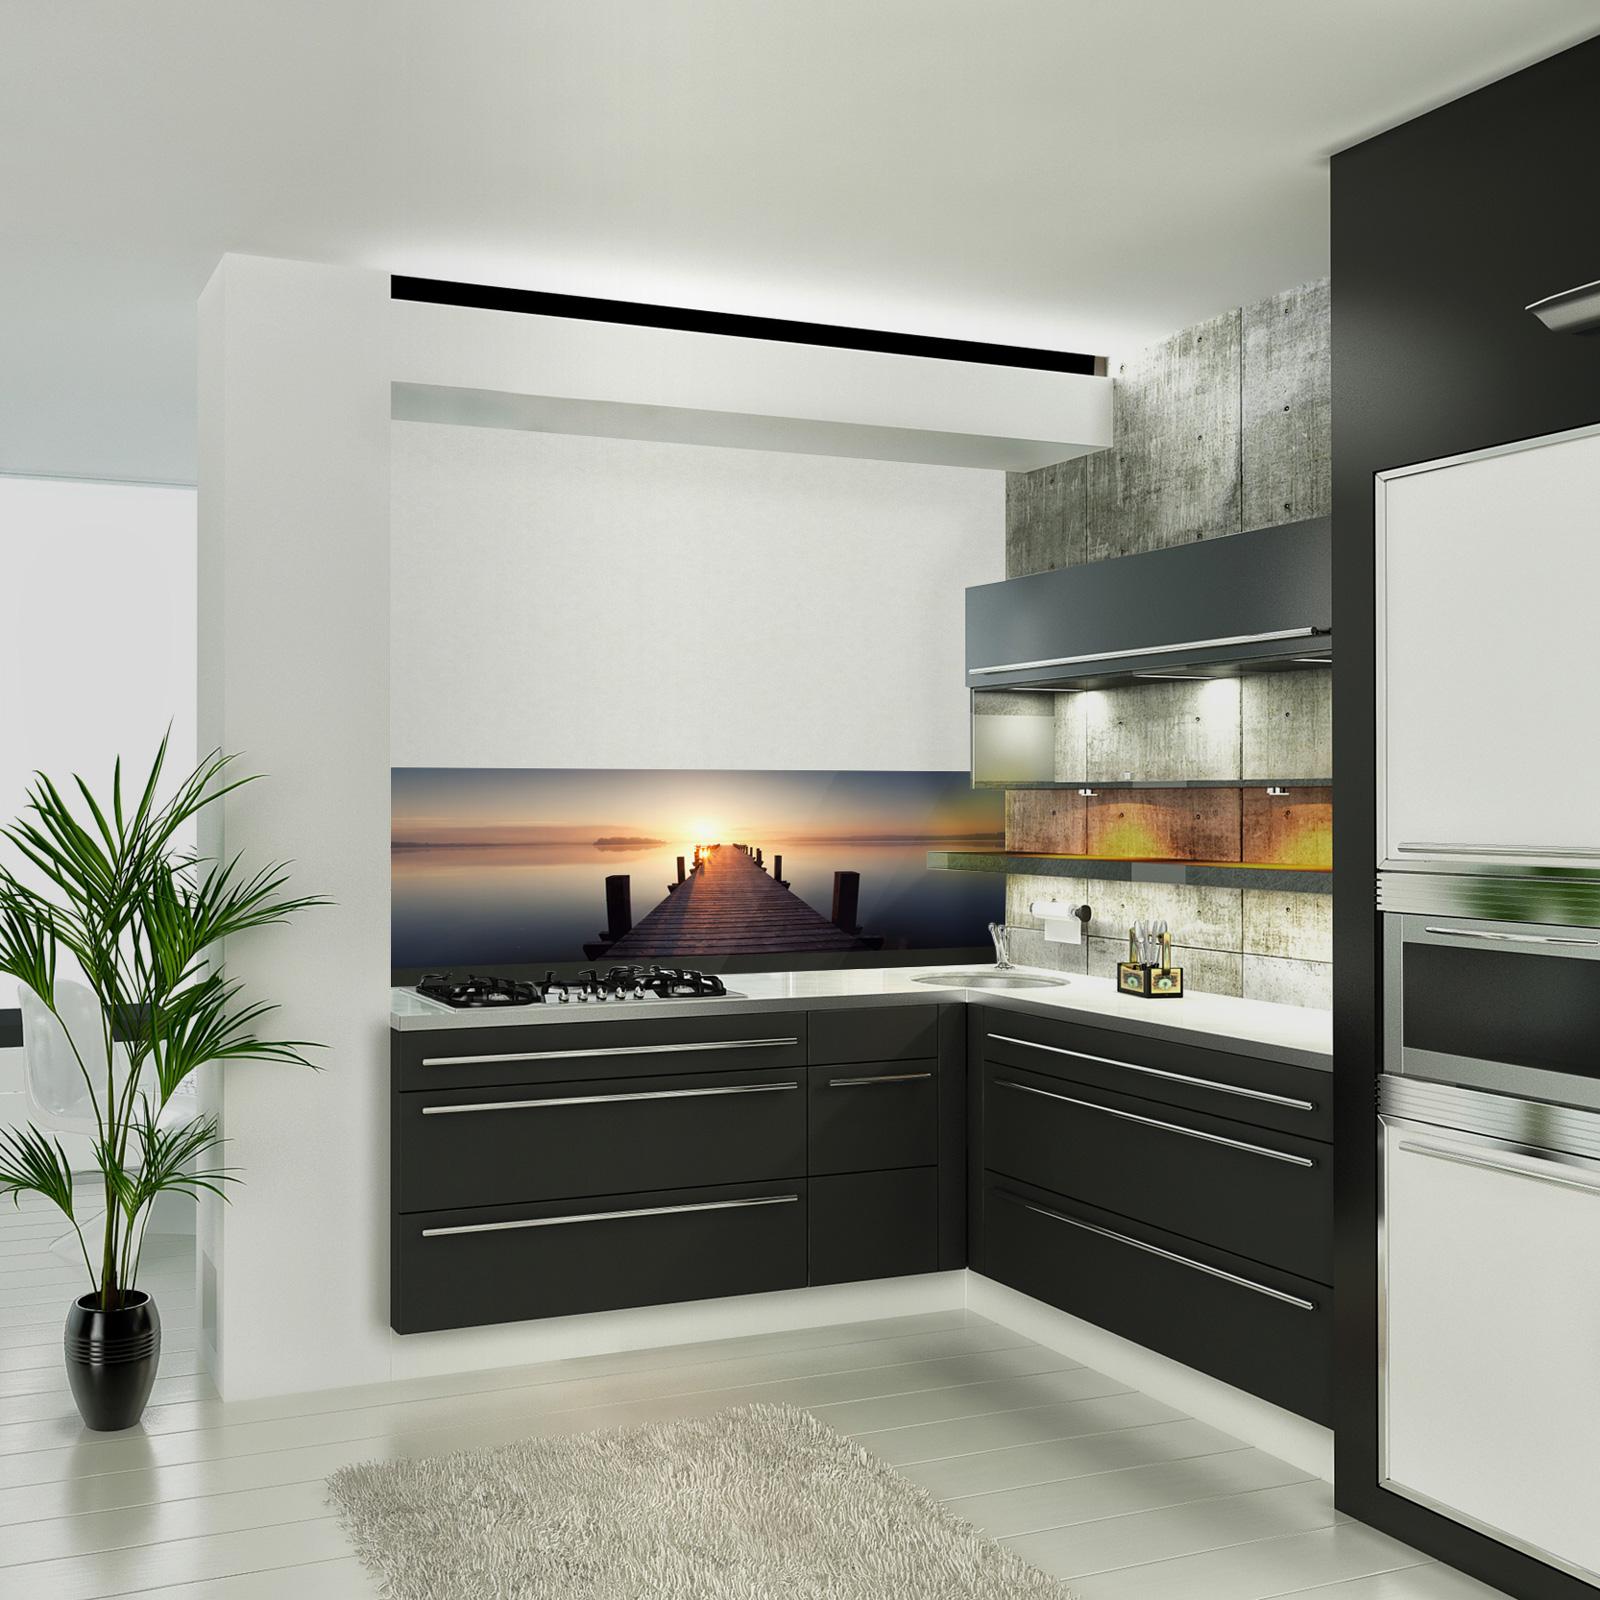 glasbild steg. Black Bedroom Furniture Sets. Home Design Ideas